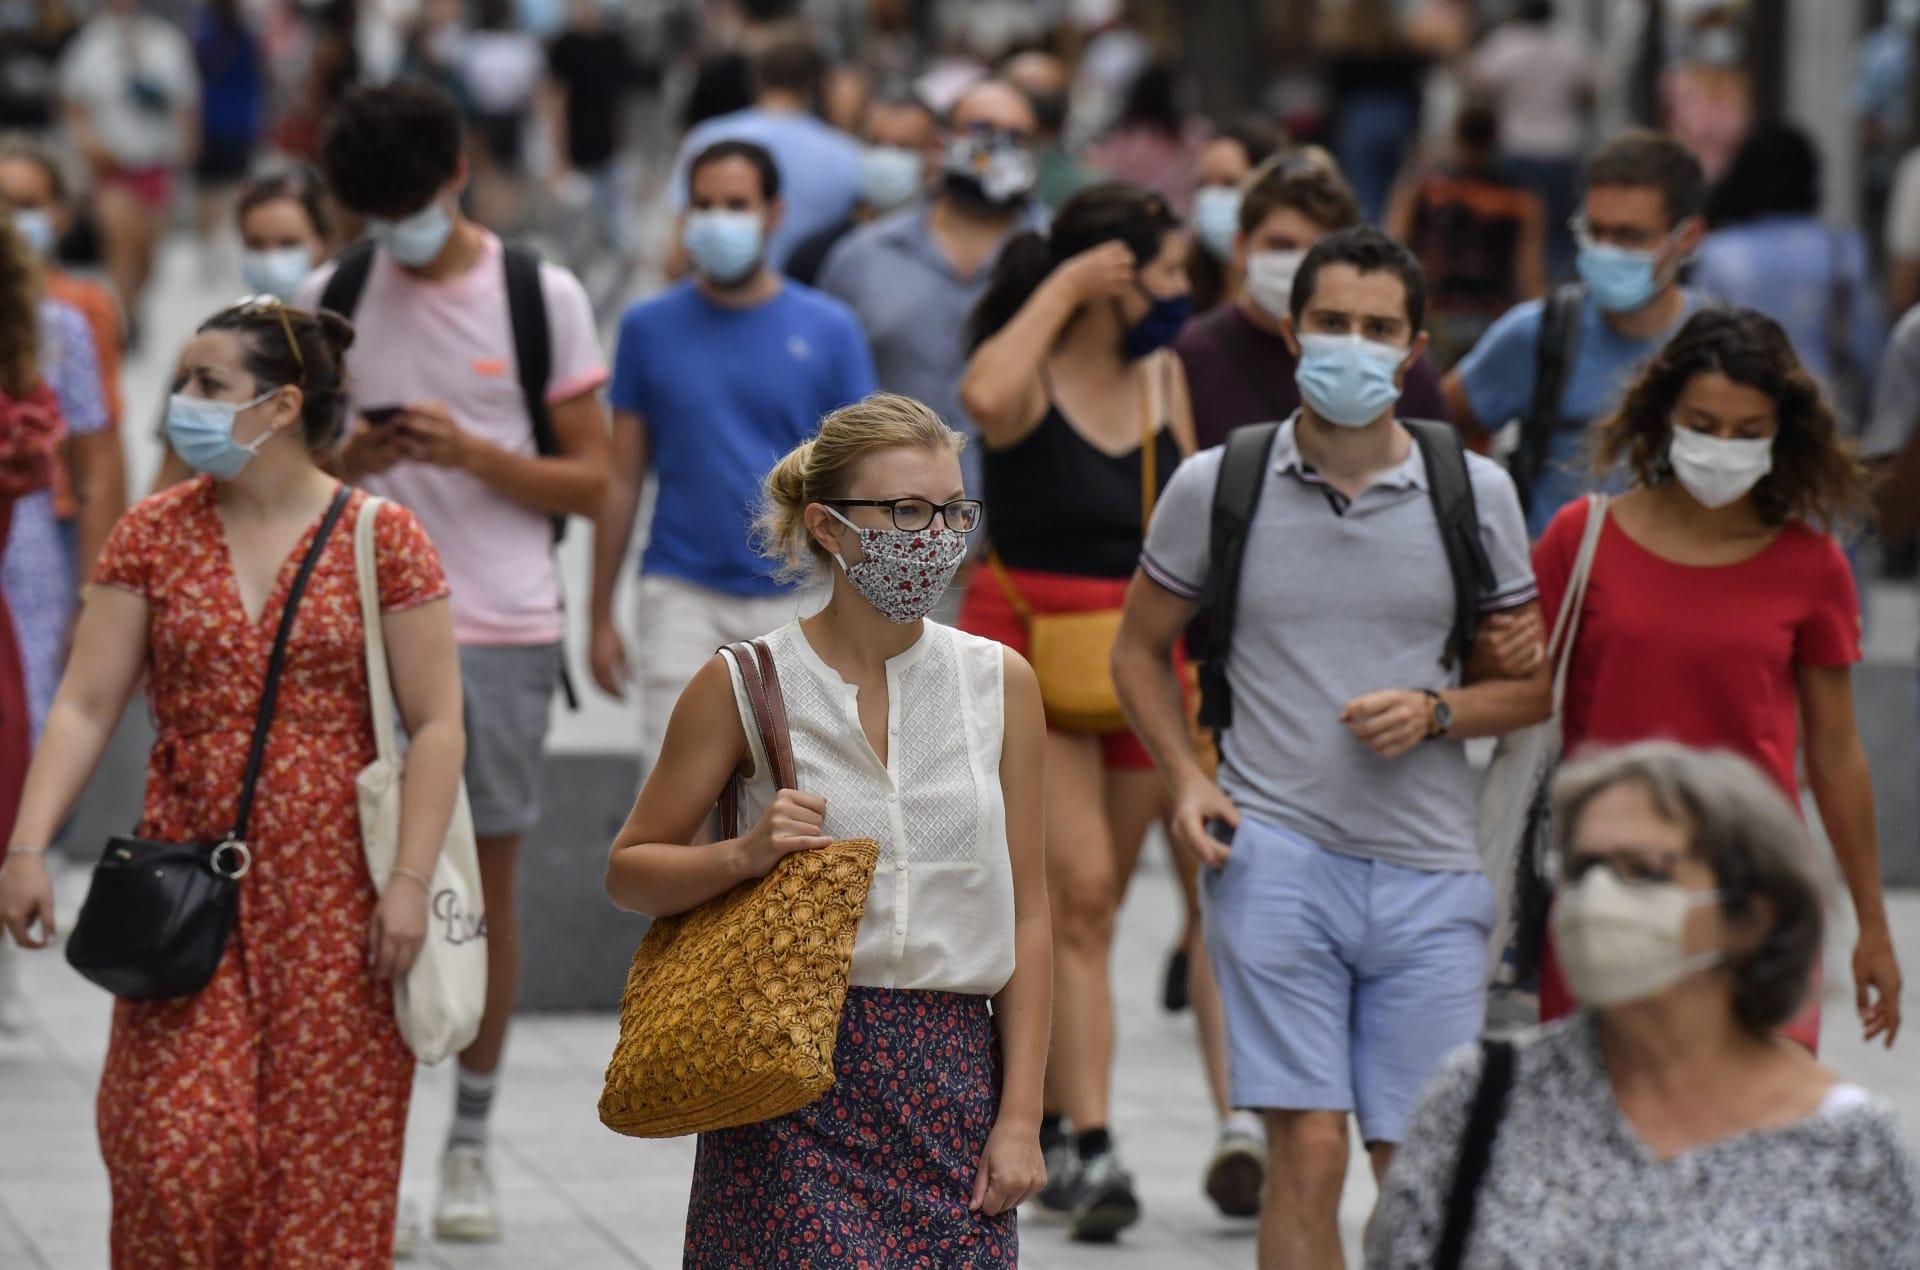 فرنسا وإيطاليا تسجلان أعلى زيادة يومية في معدل إصابات كورونا